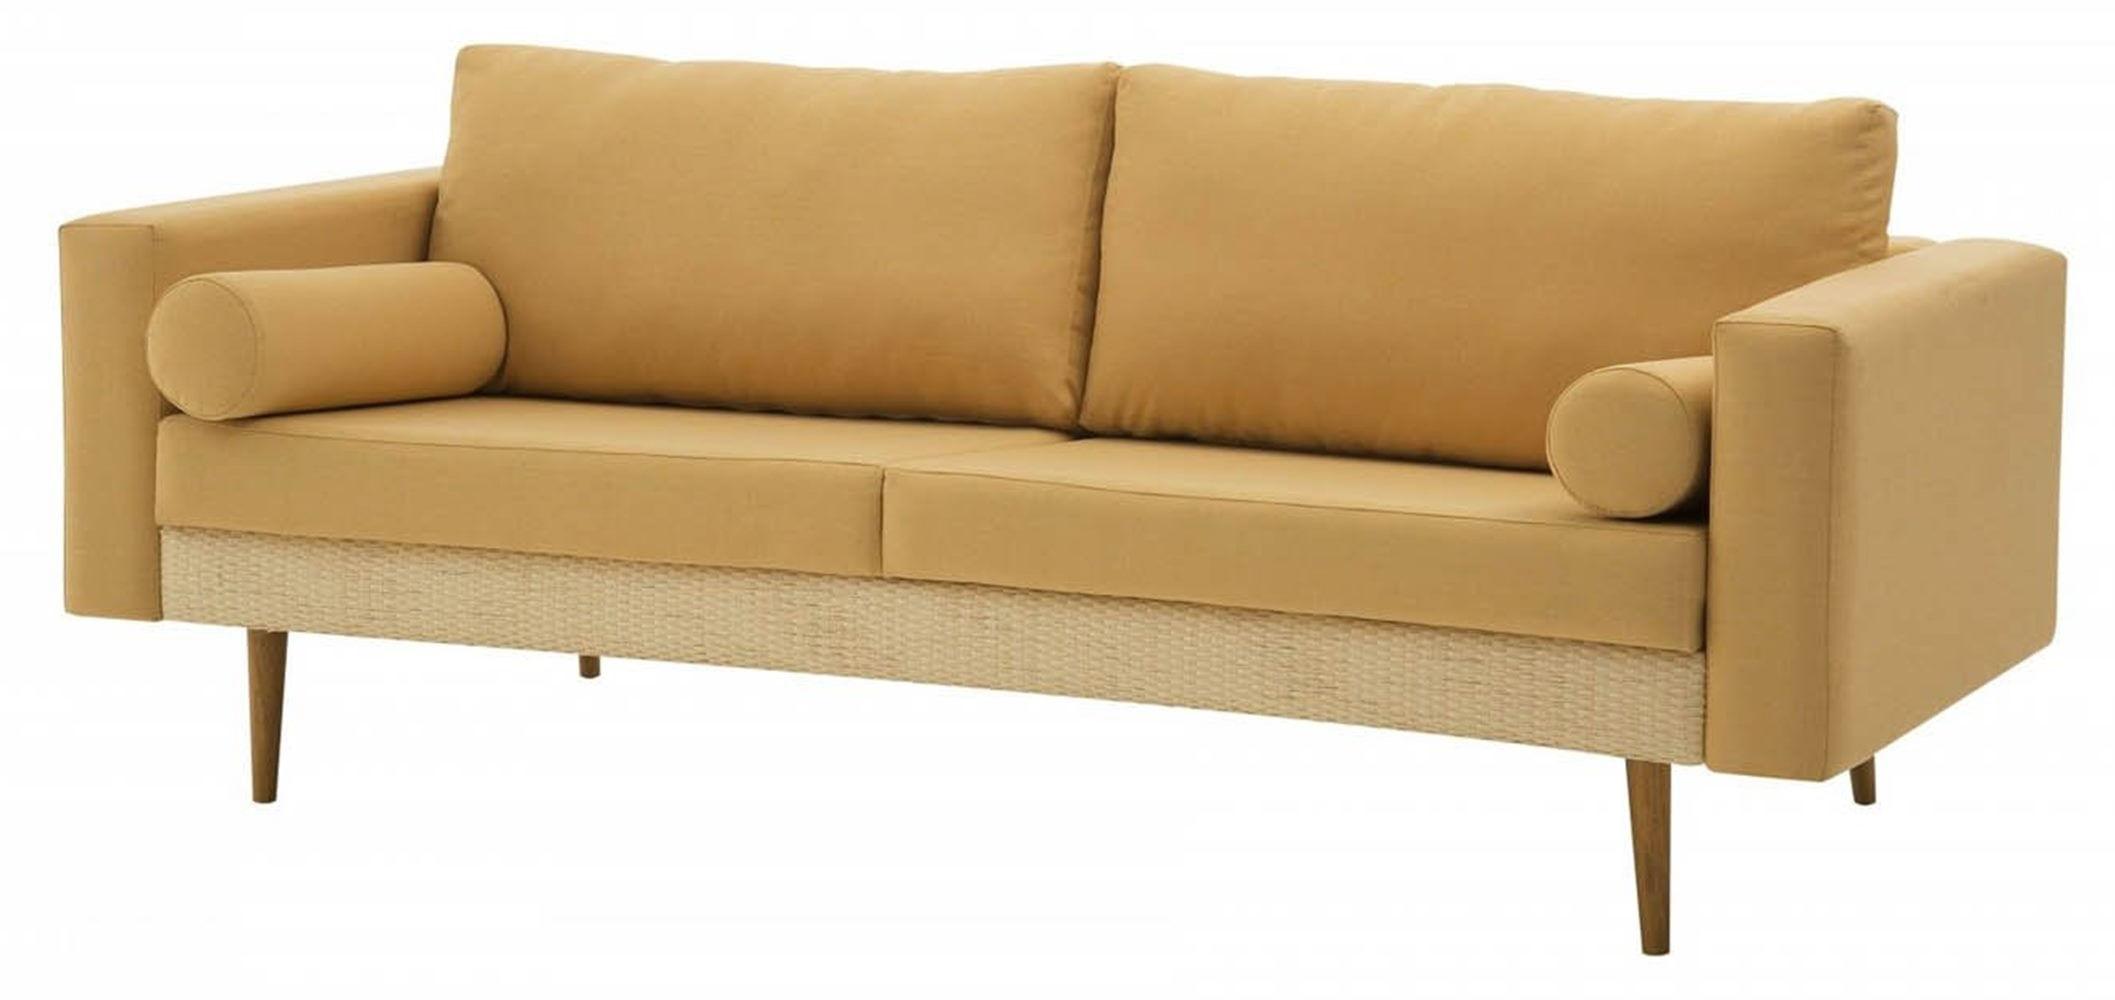 Sofa Rolls Areia com Palha Natural Base Castanho 3 Lugares - 50357